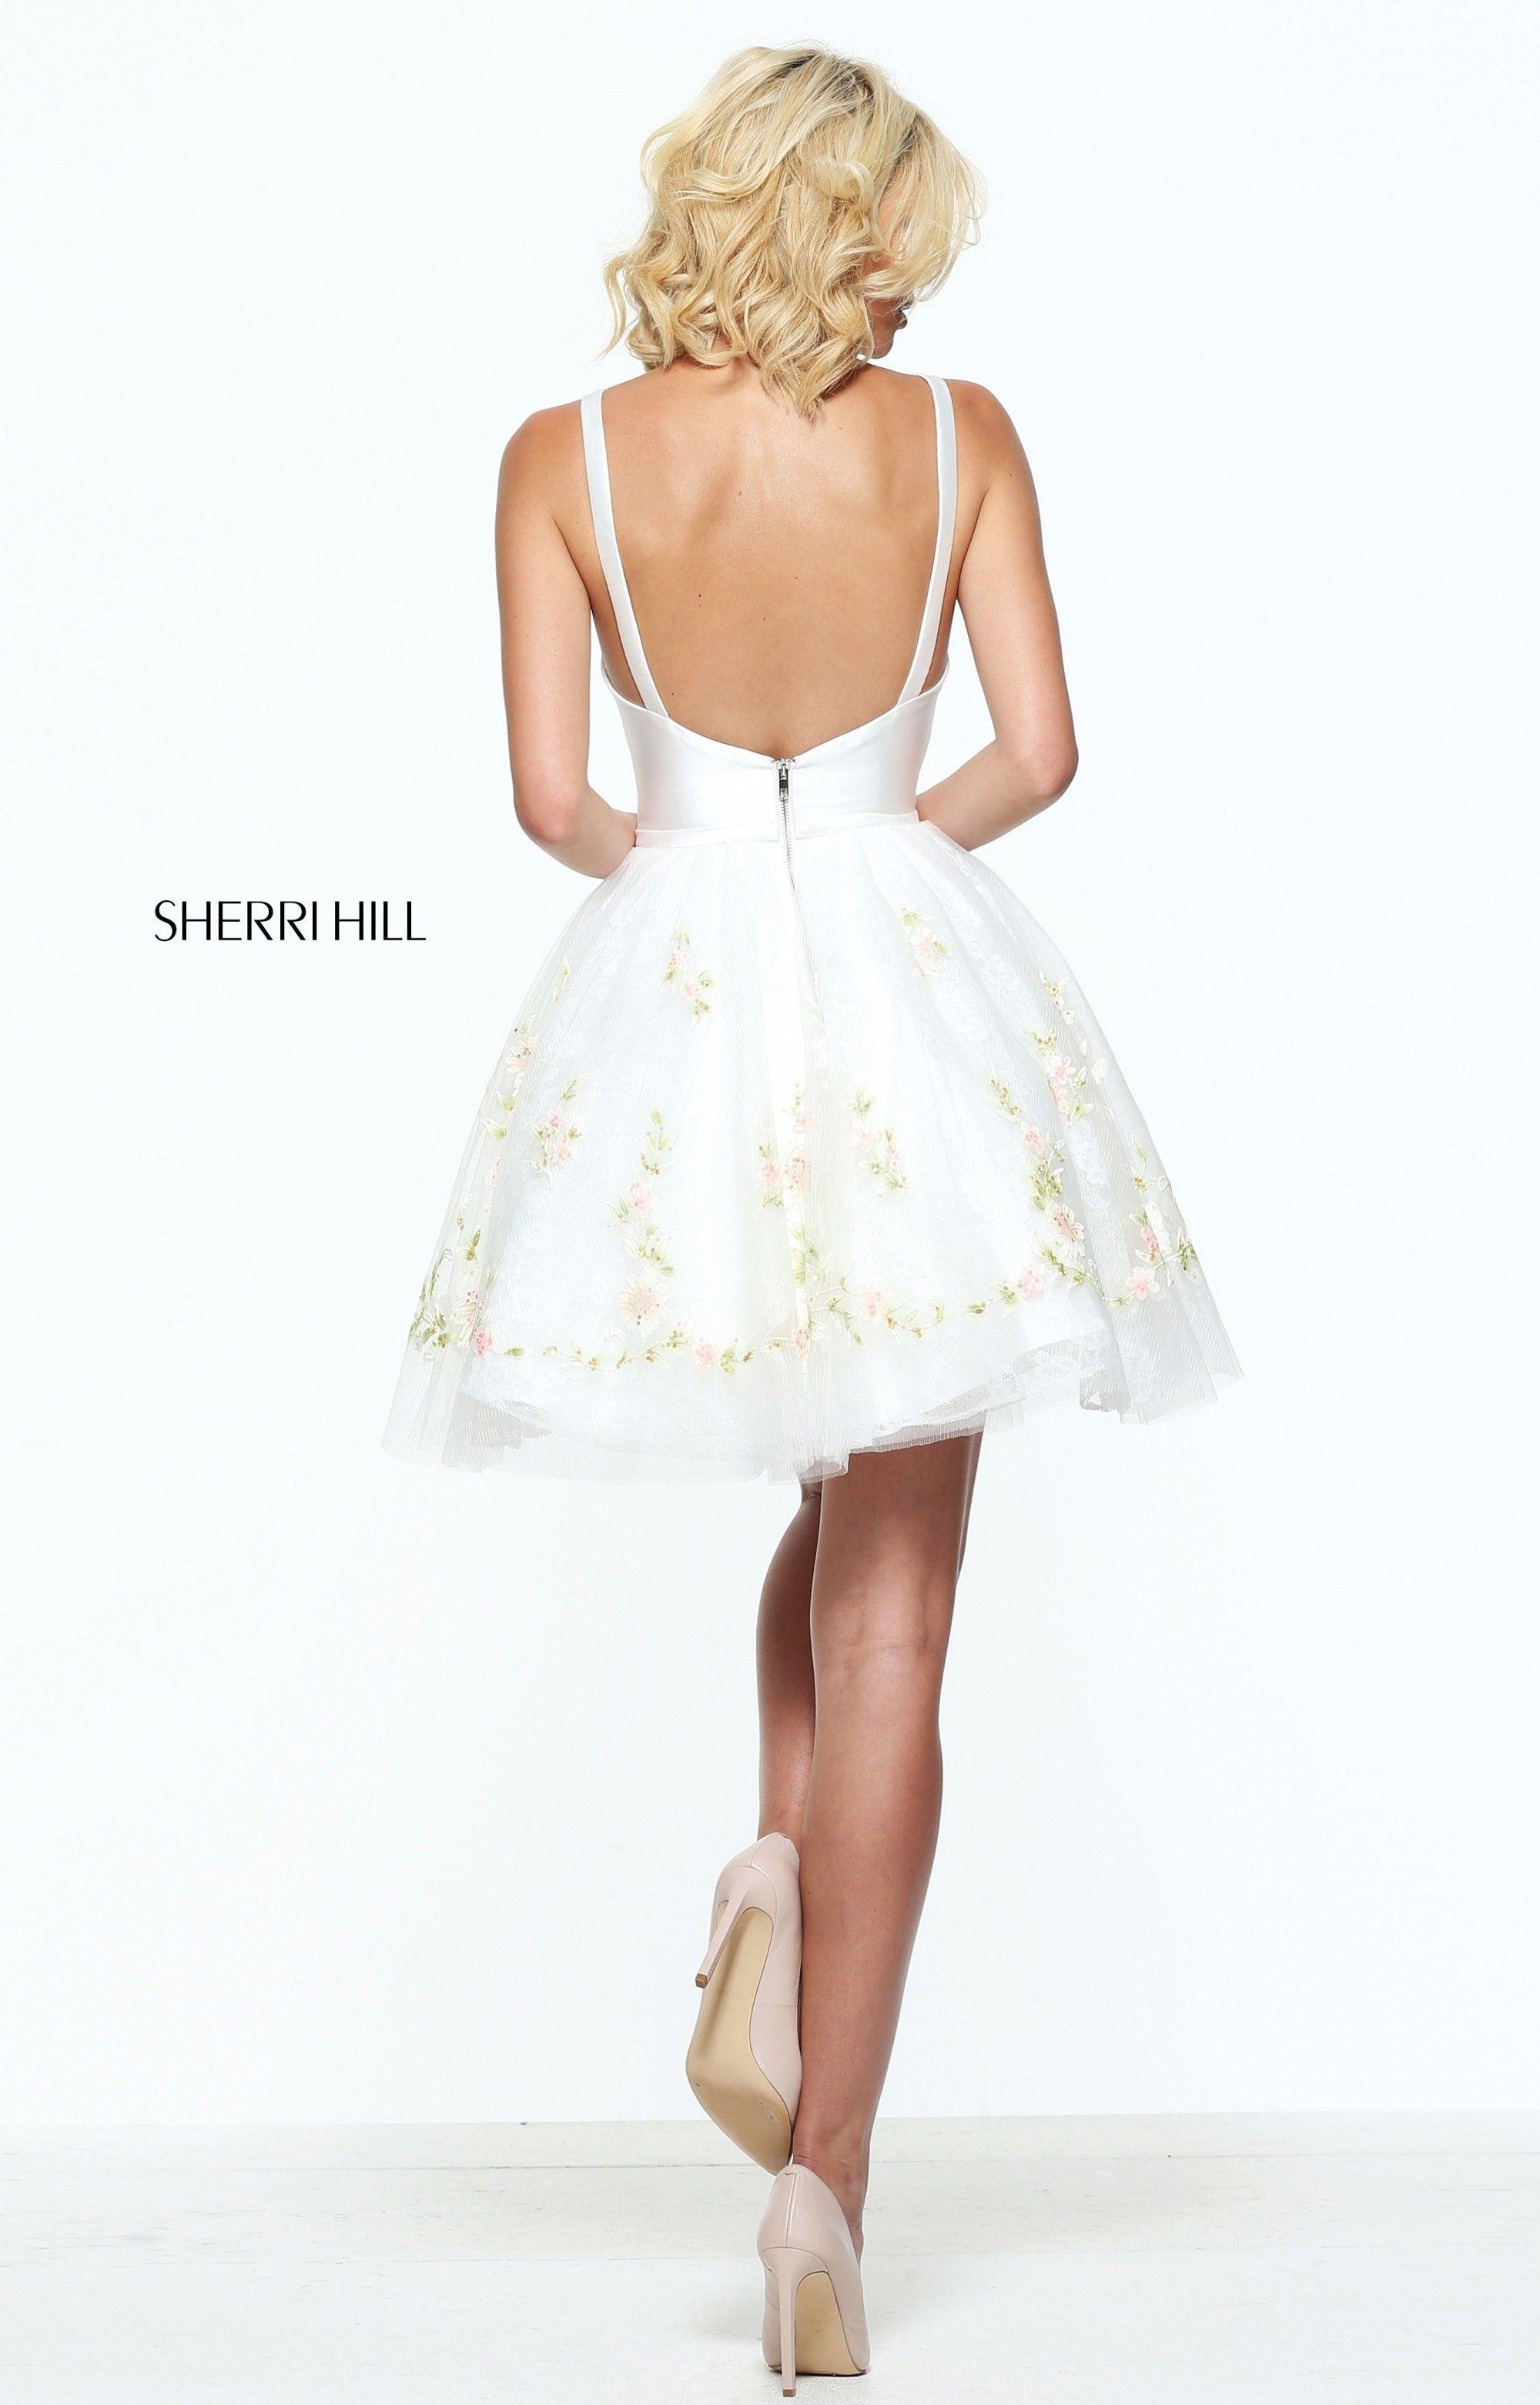 Sherri Hill 51066 Prom Dress | MadameBridal.com #sherri hill #prom dress #